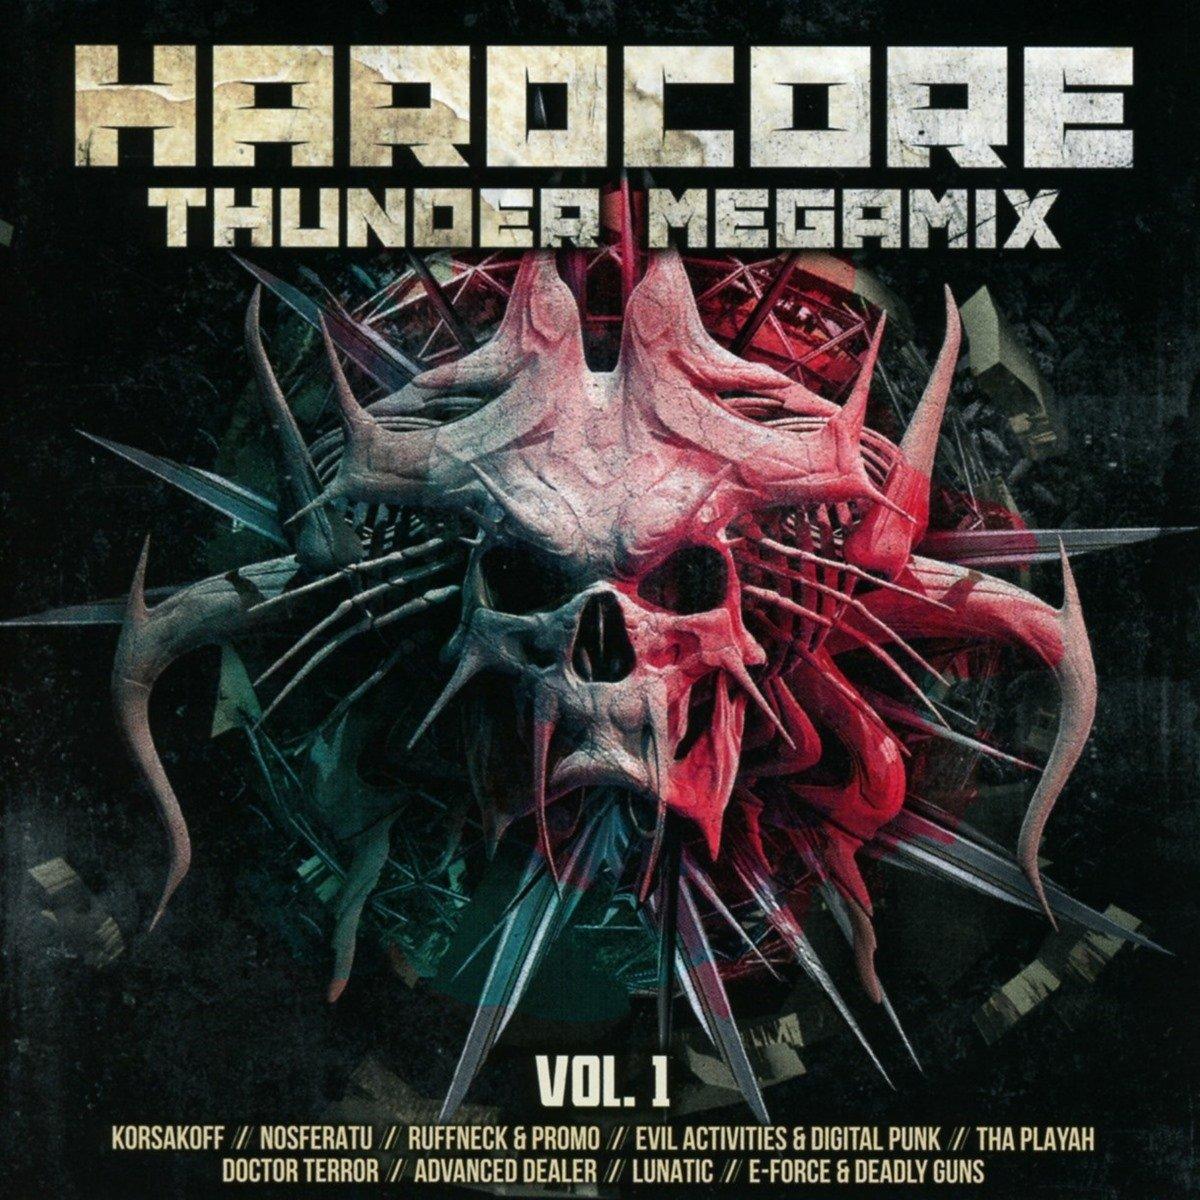 VA - Hardcore Thunder Megamix Vol. 1 - 2CD - FLAC - 2017 - VOLDiES Download